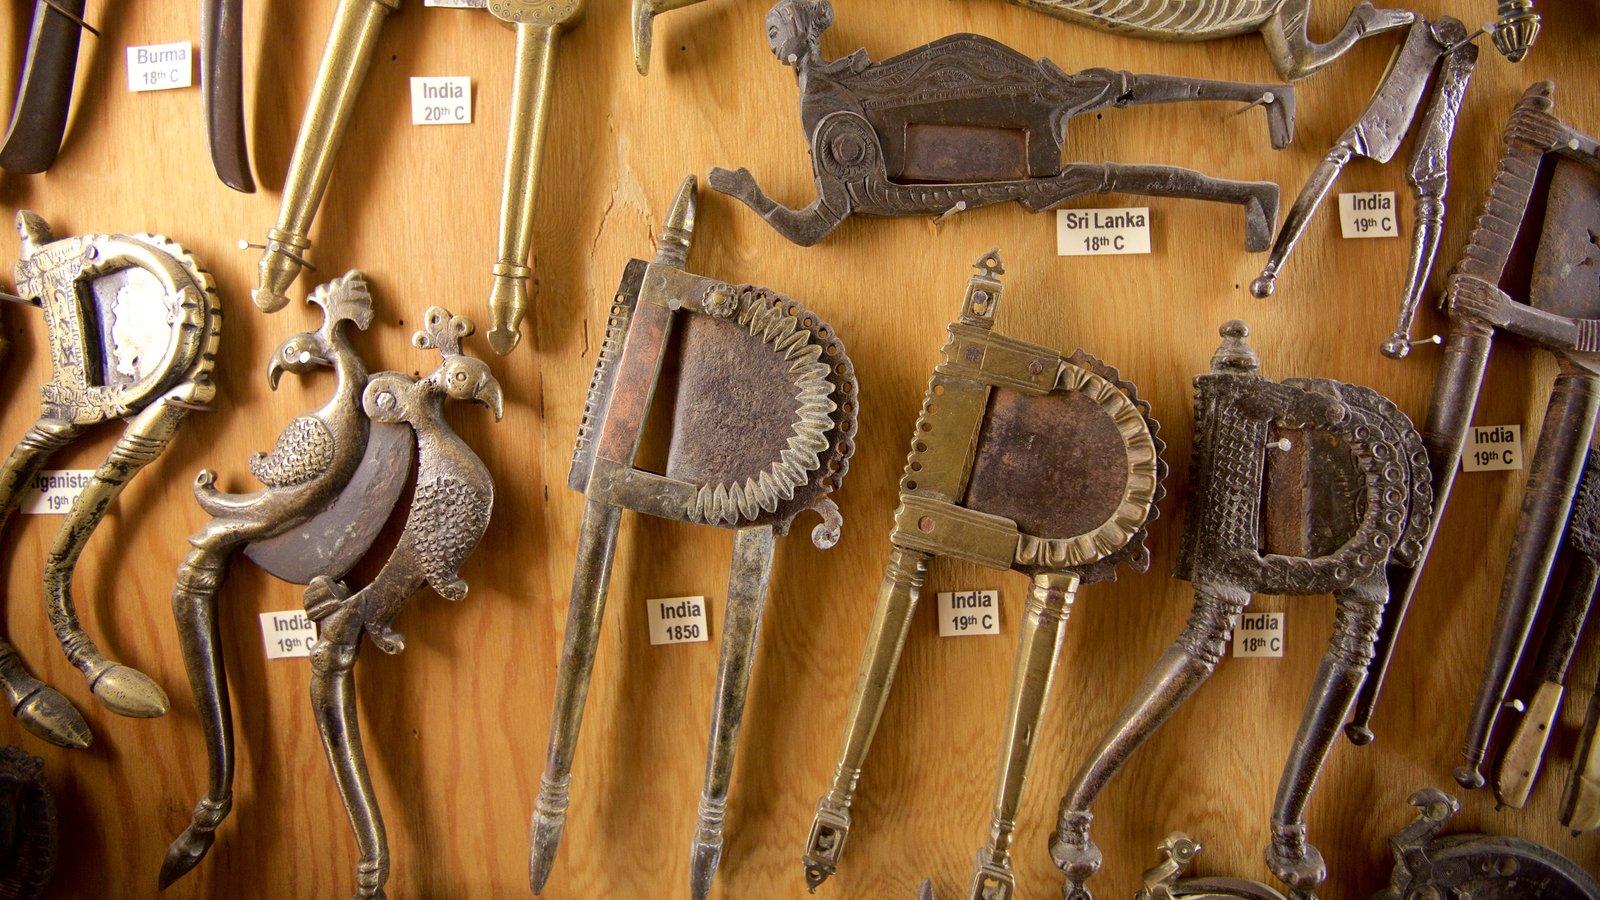 Leavenworth Nutcracker Museum caracterizando vistas internas